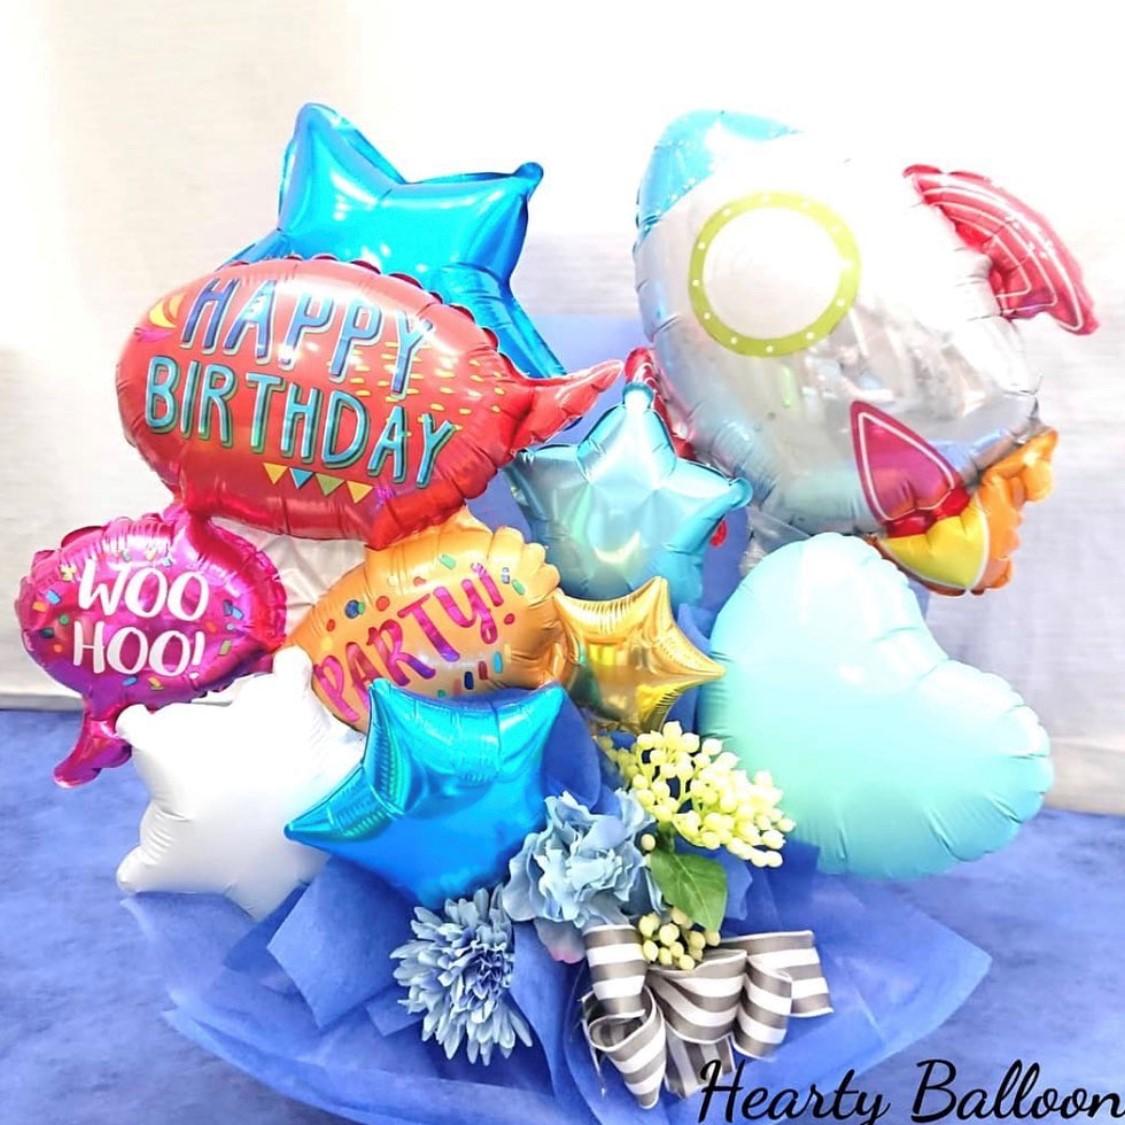 誕生日プレゼント バルーンアレンジ「男の子向けロケットボーイの誕生日バルーンギフト」 bd0066